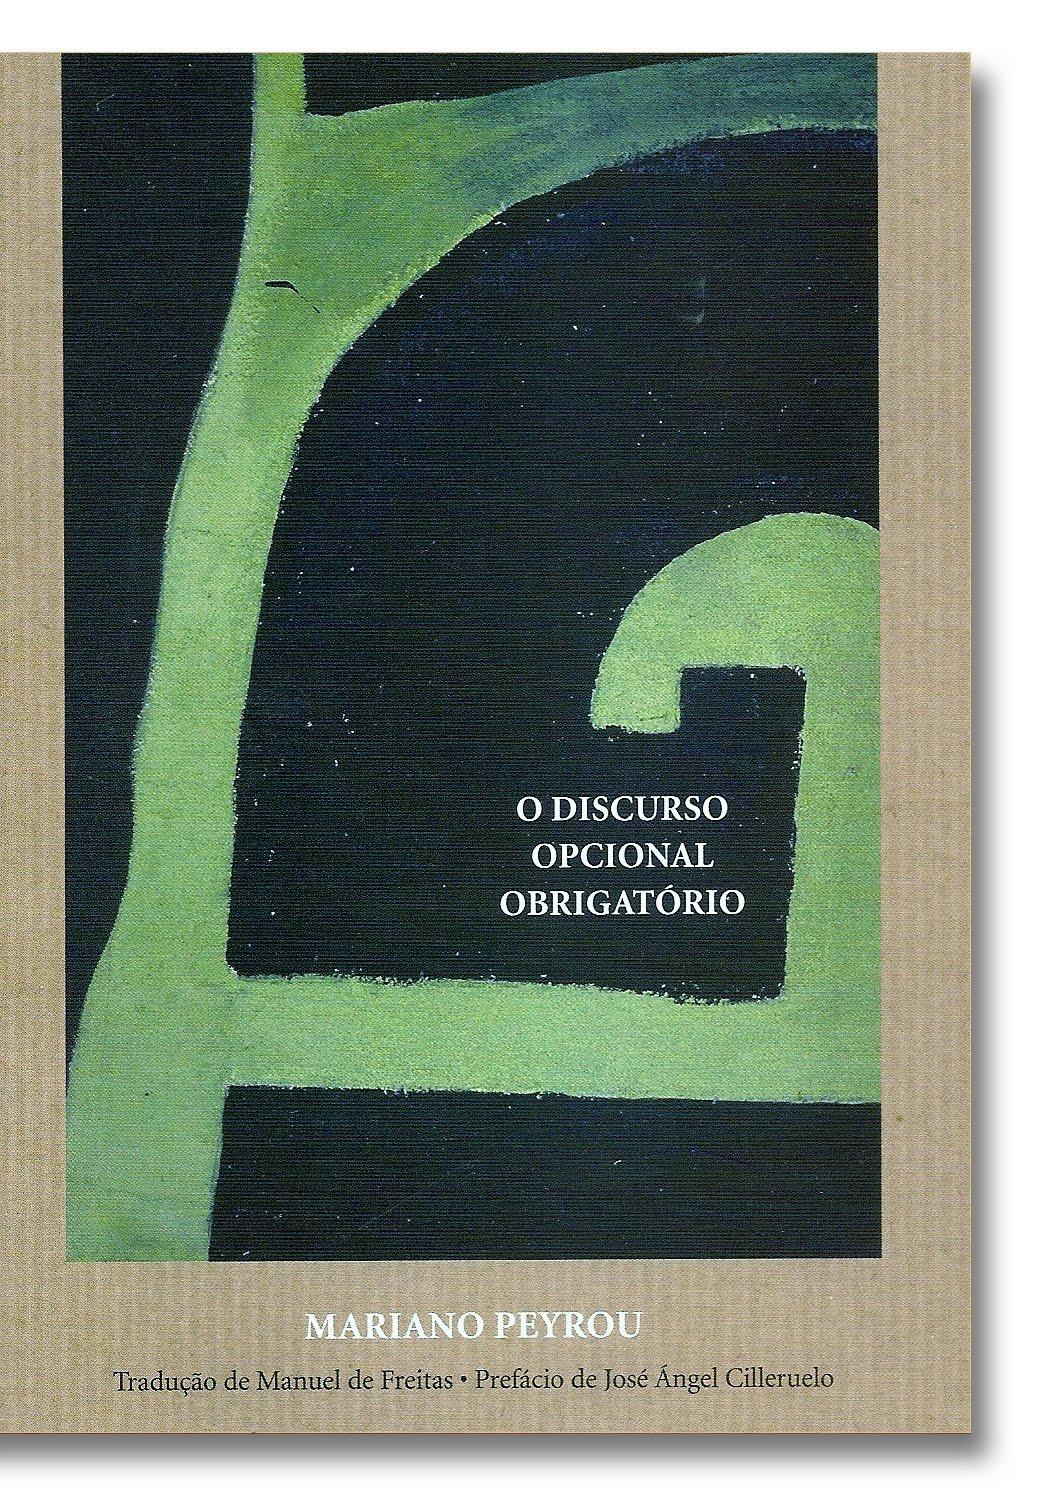 O Discurso Opcional Obrigatório